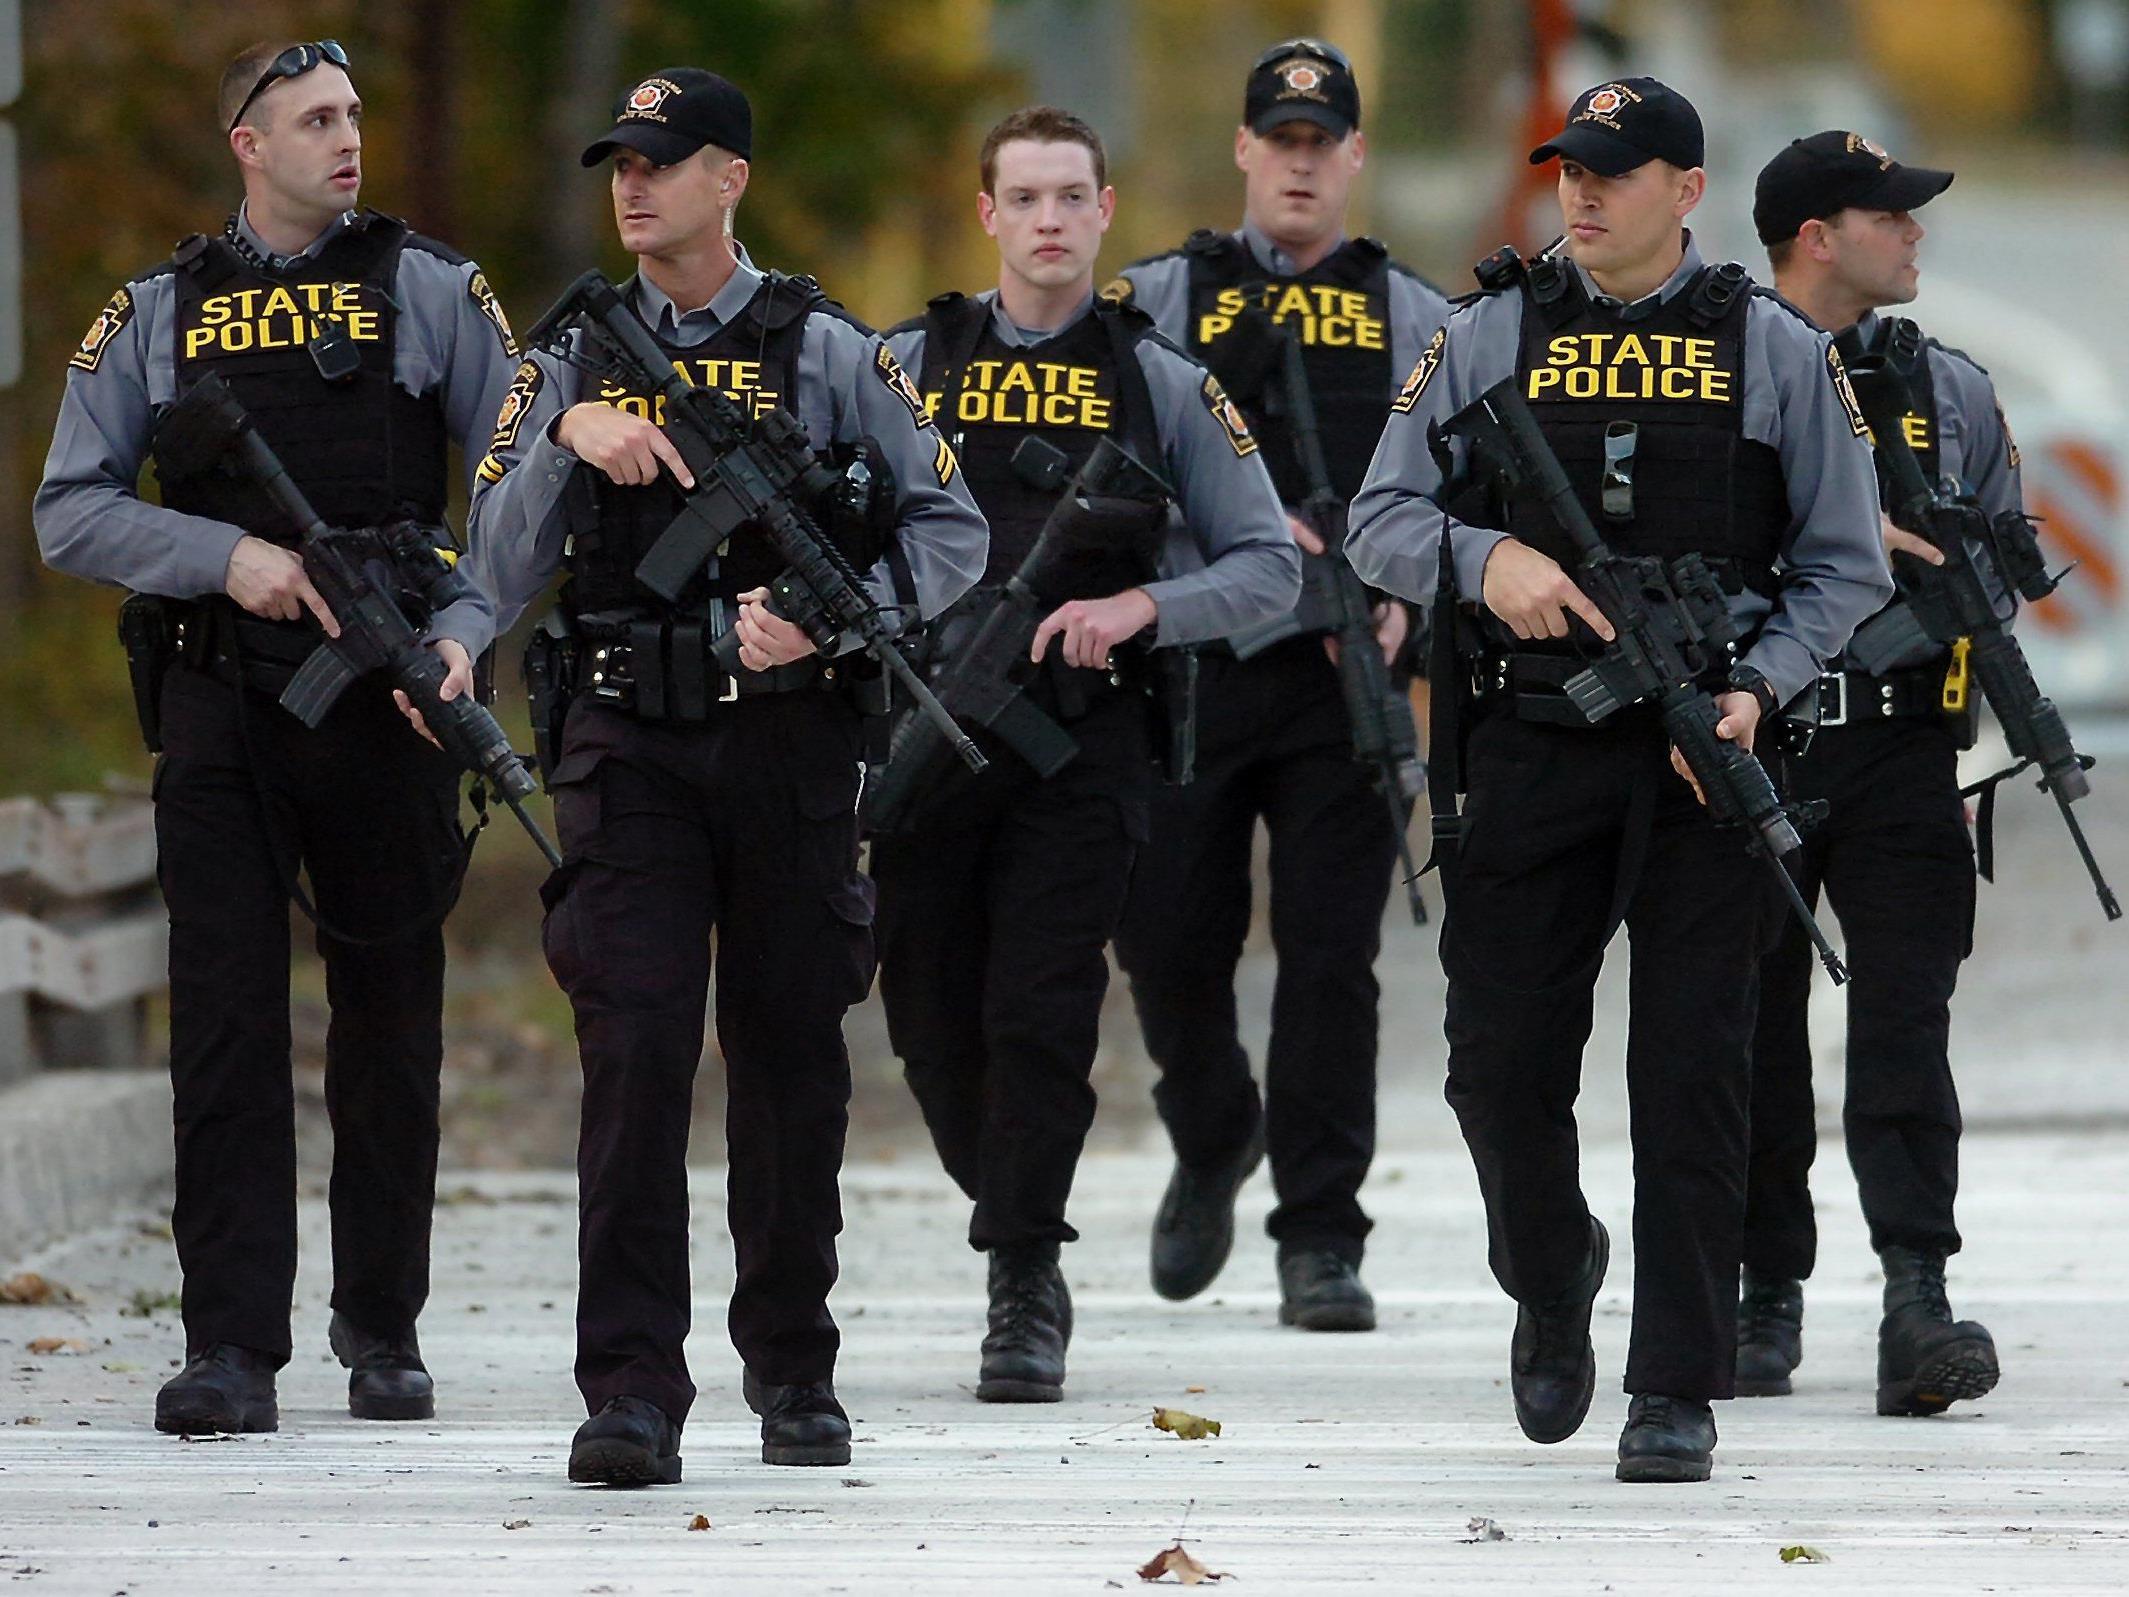 Die Polizei in Pennsylvania sucht immer noch nach dem Täter.